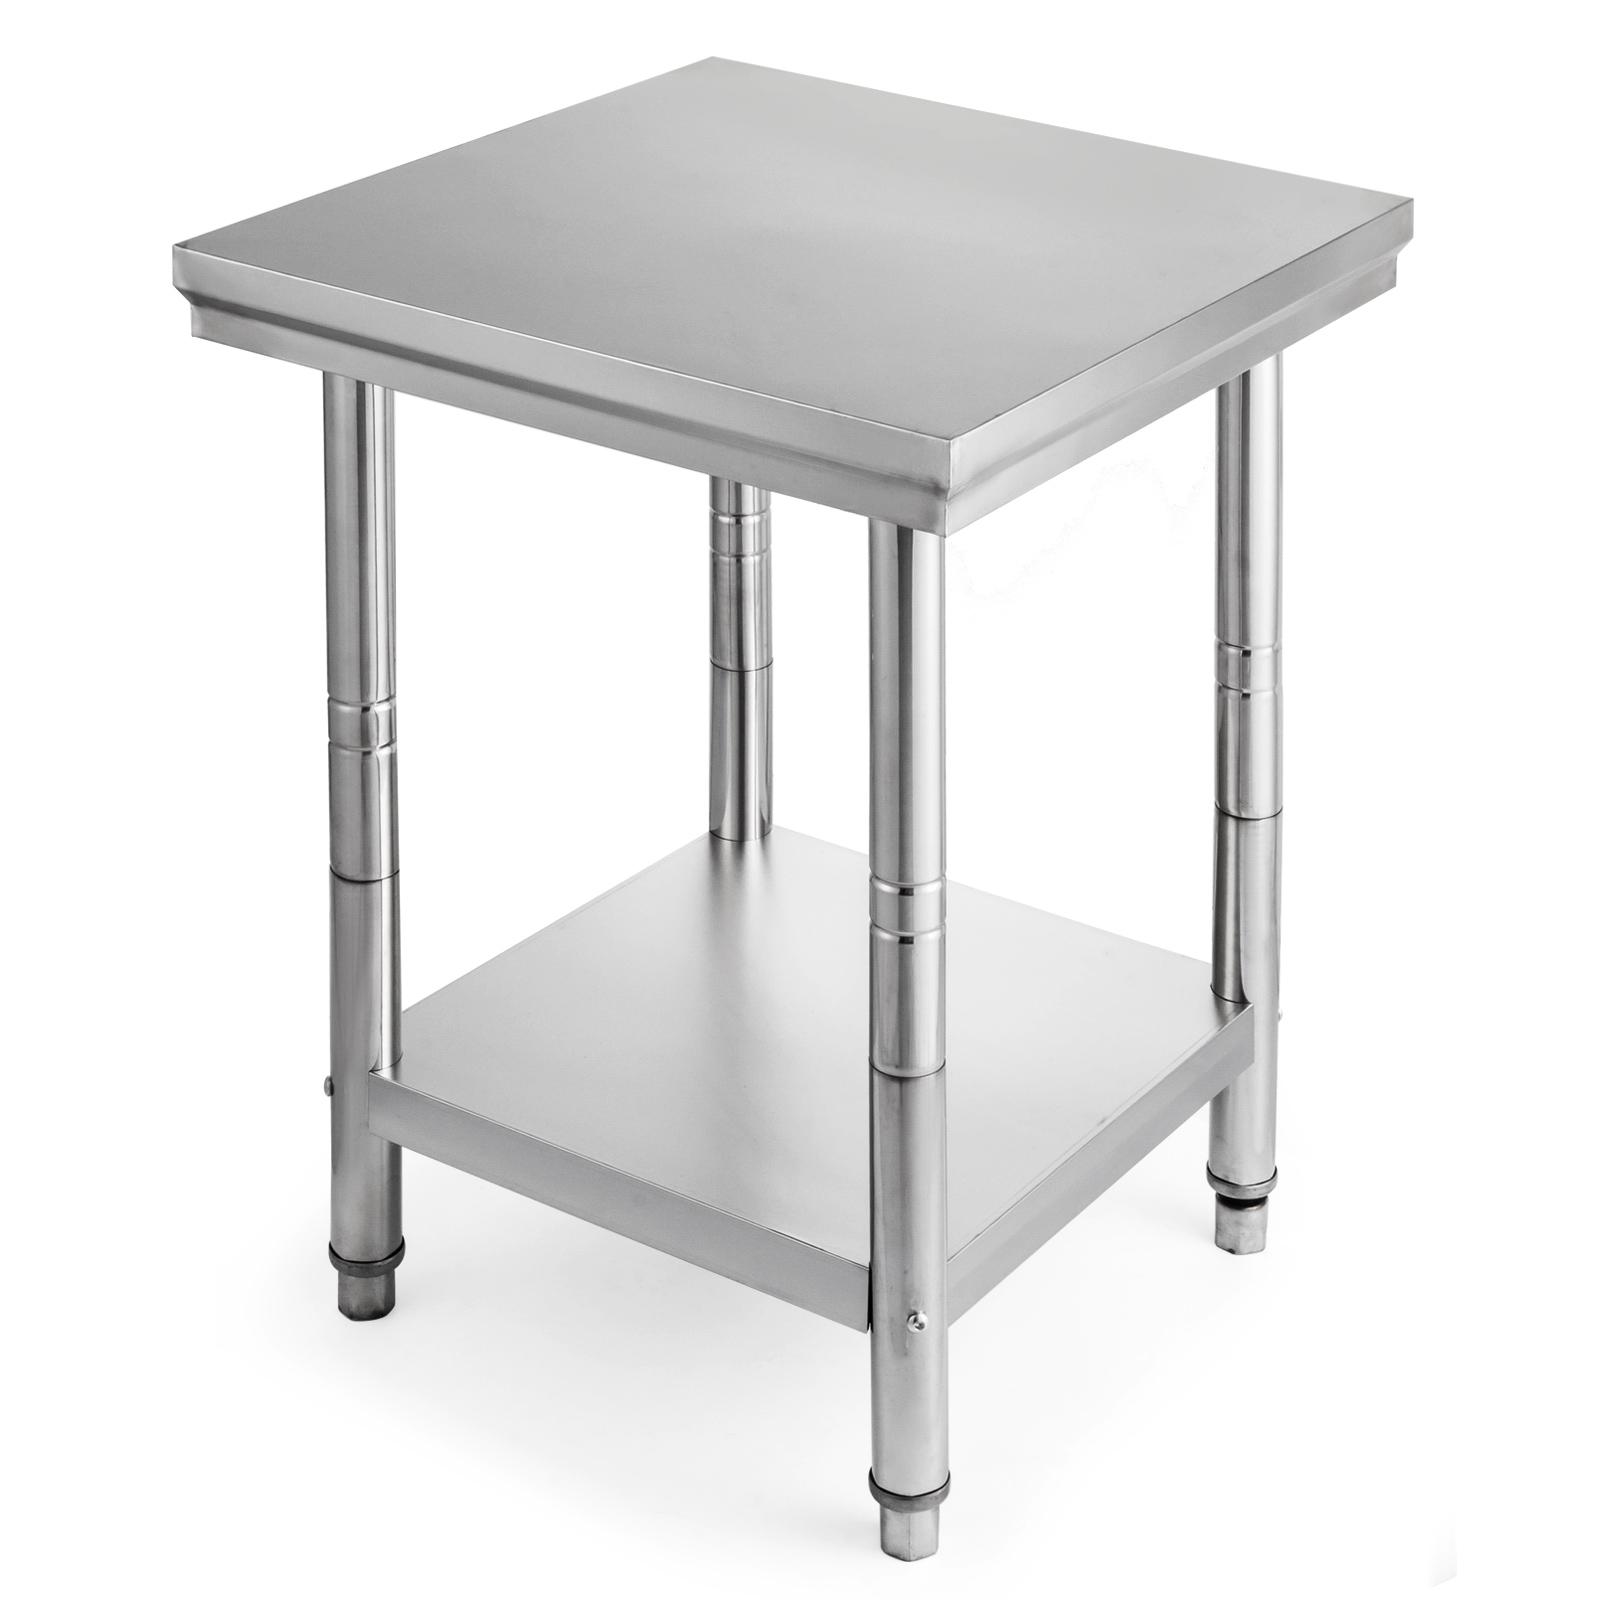 edelstahl arbeitstisch gastro tisch edelstahltisch k chentisch gastronom 60x60 ebay. Black Bedroom Furniture Sets. Home Design Ideas